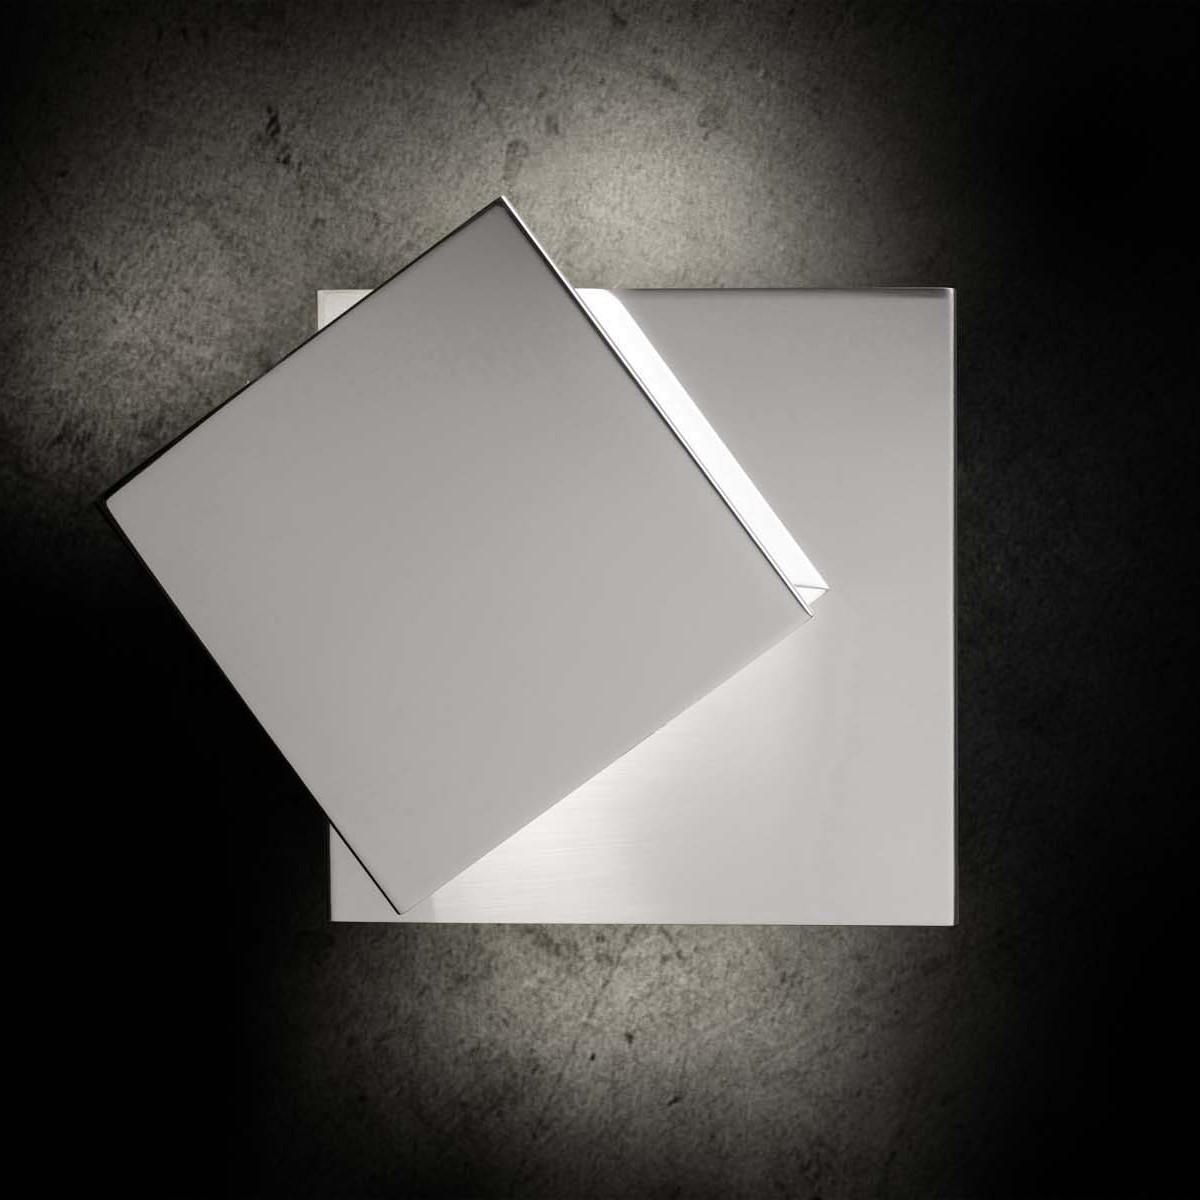 Holtkötter Leuchten Cubic Wandleuchte LED, Aluminium poliert